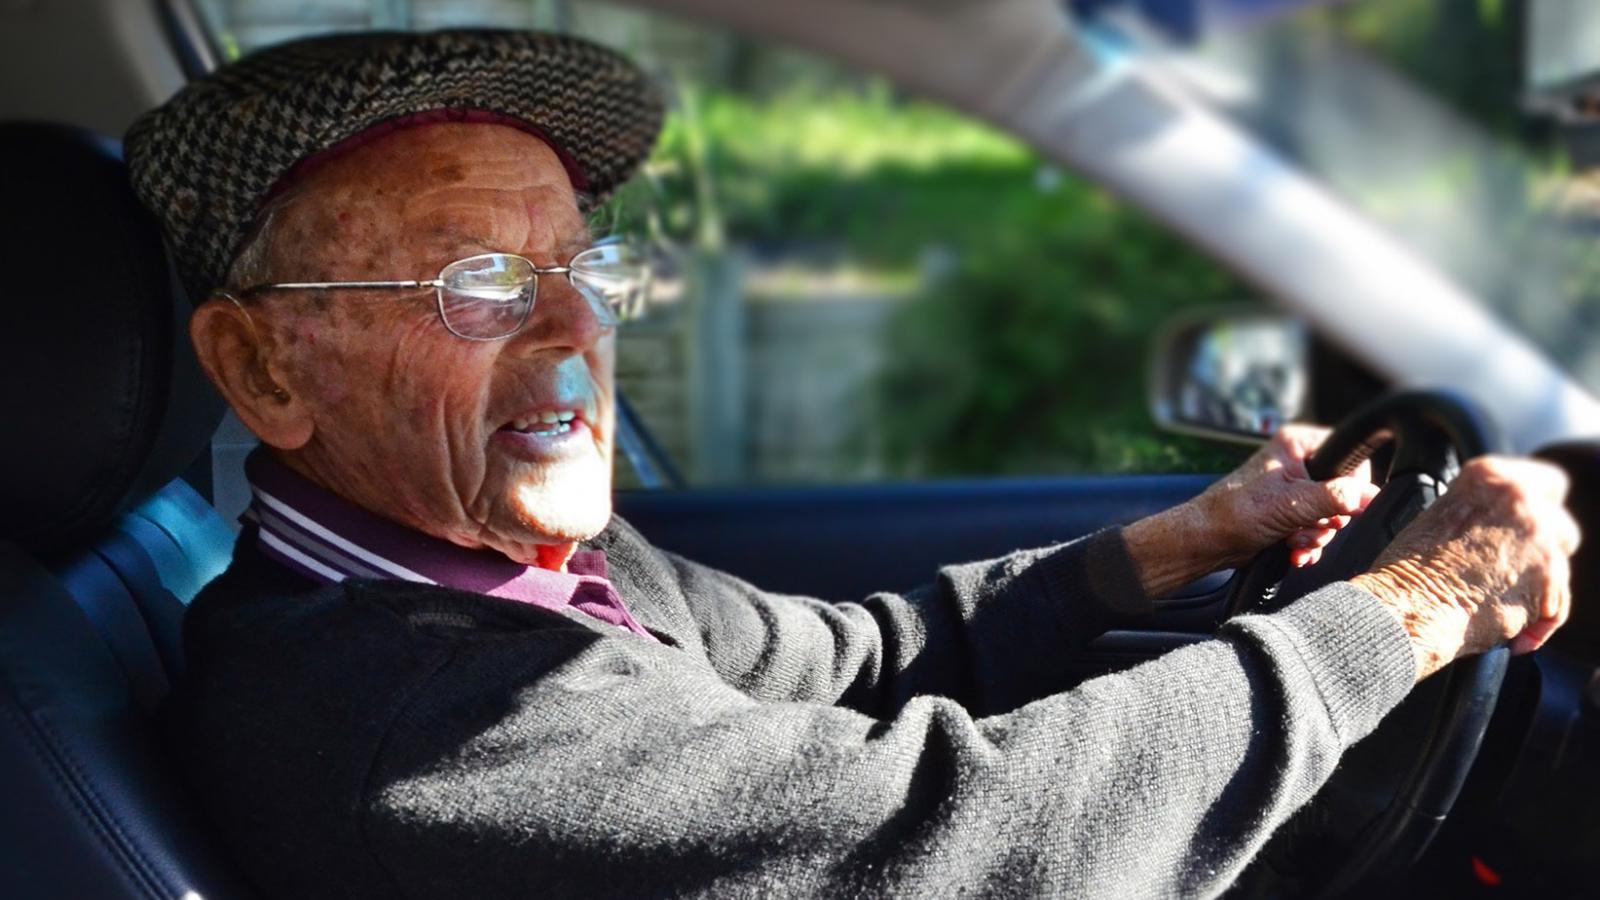 Пьяный пенсионер пытался подкупить патрульного